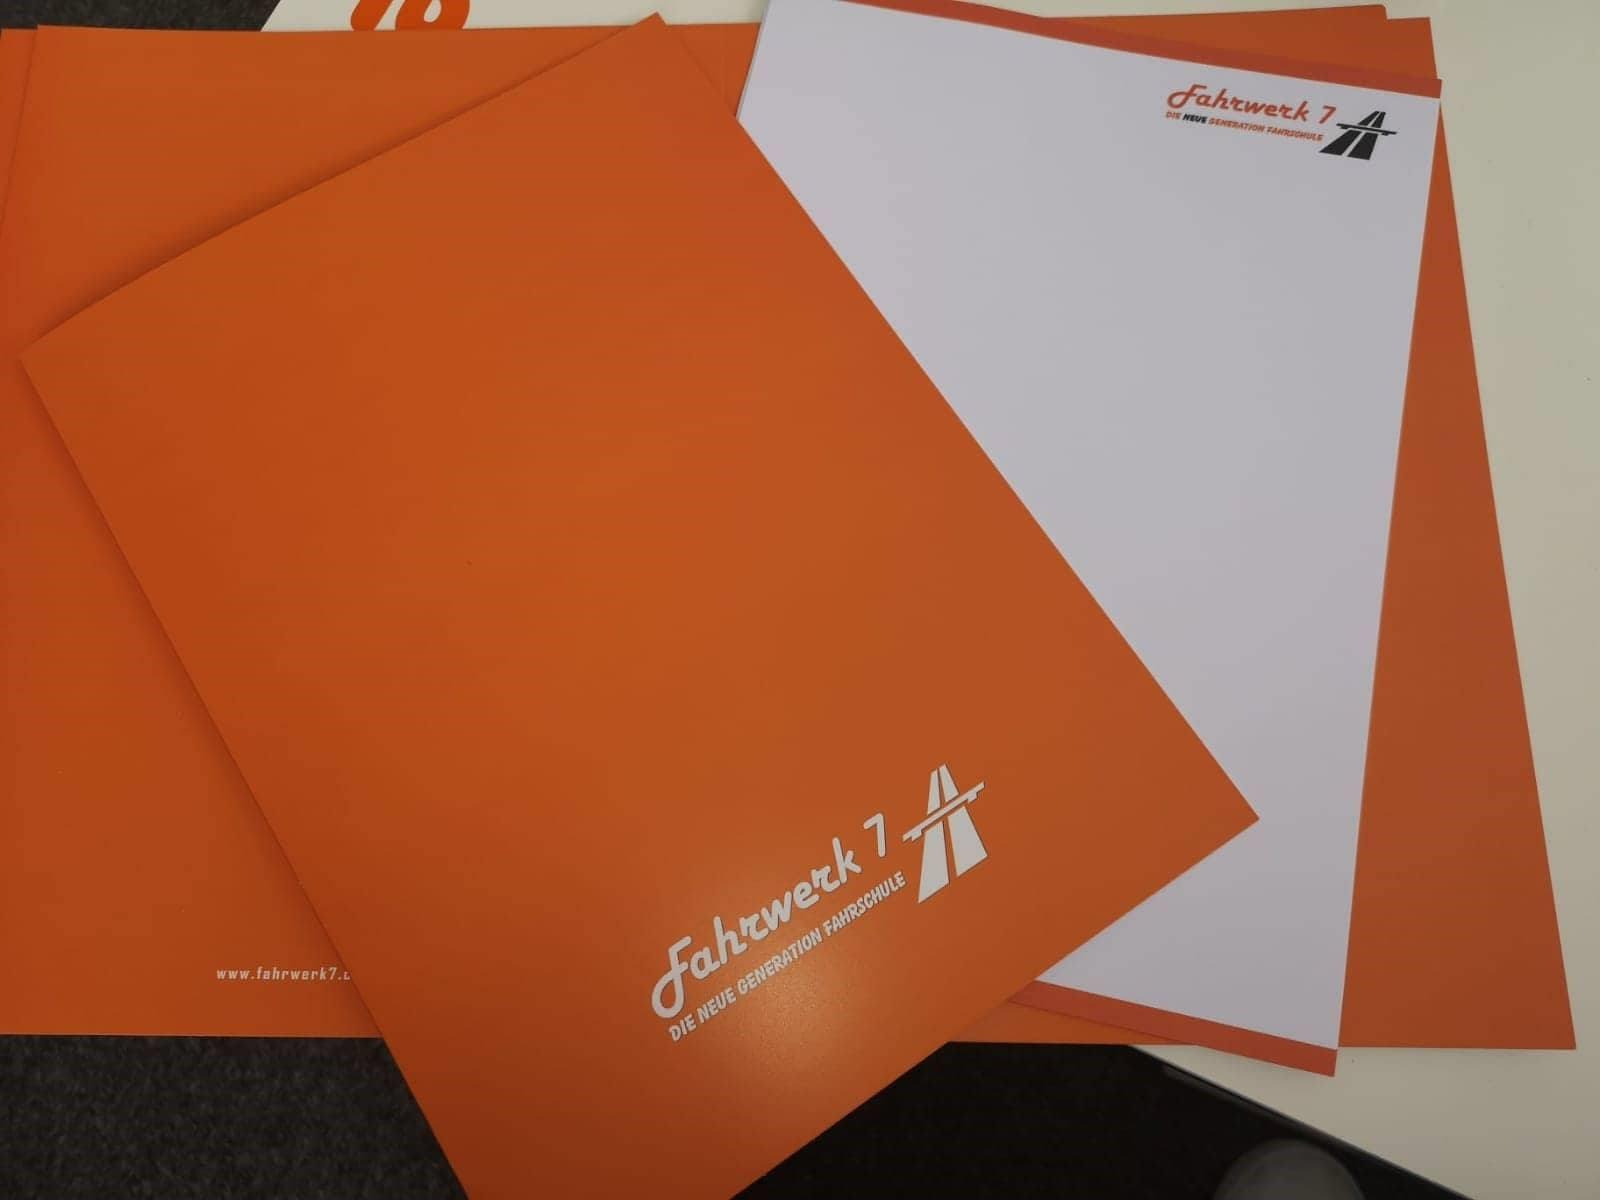 Briefpapier und Mappe Fahrwerk 7